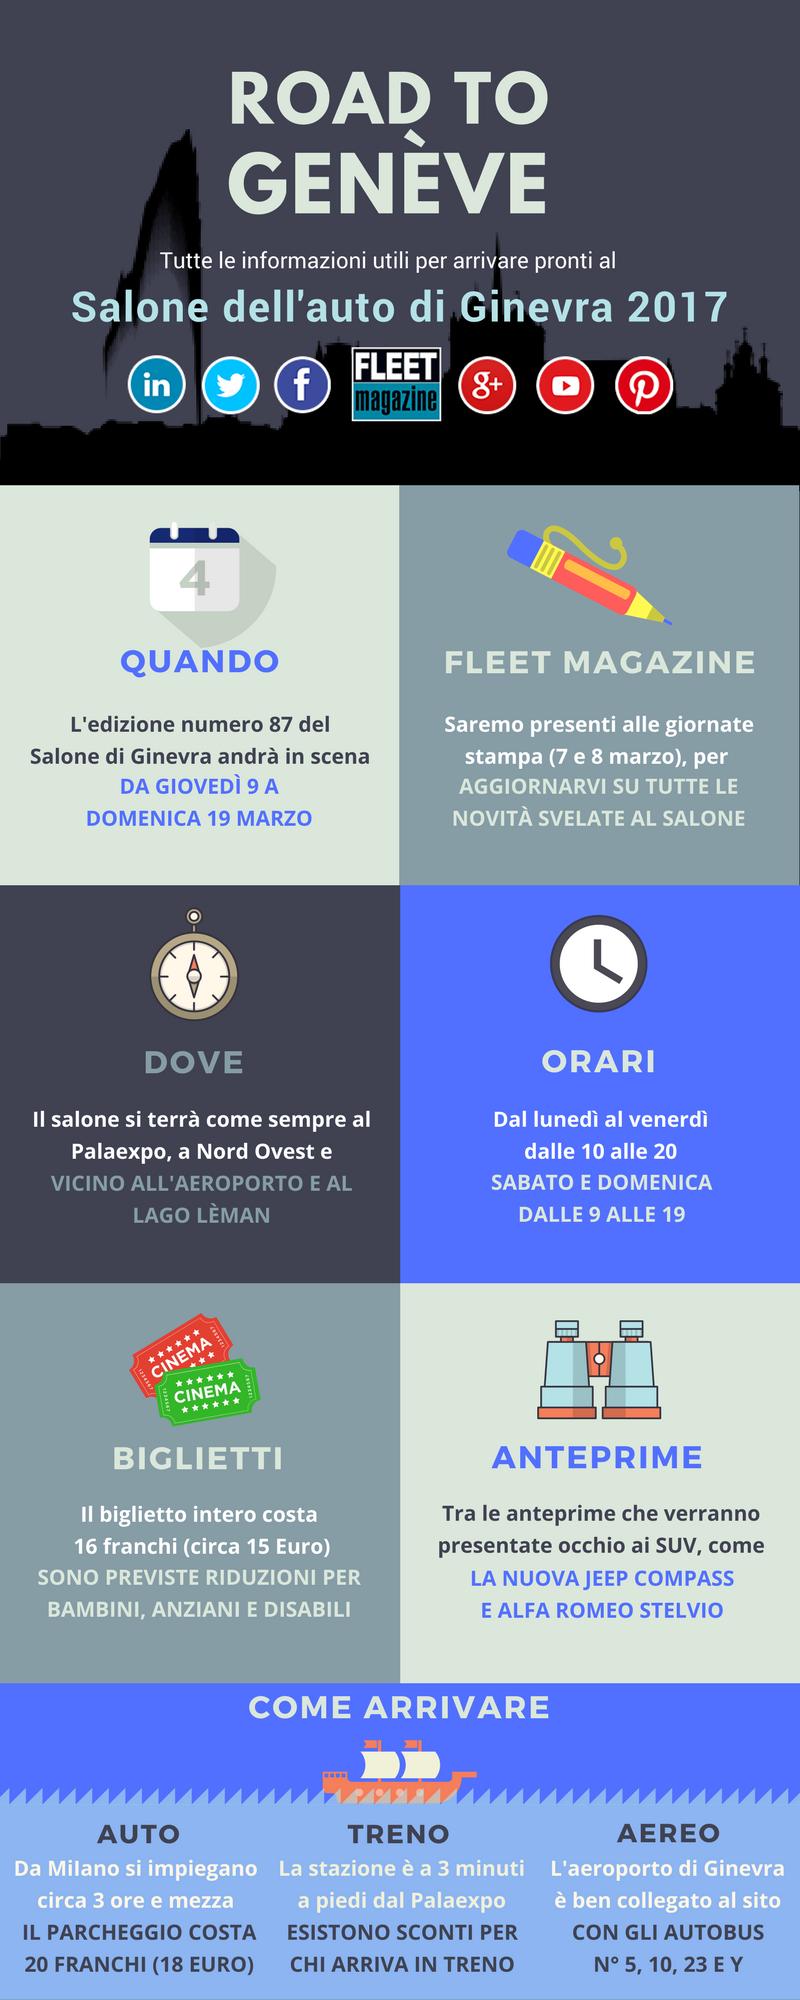 info utili sul Salone di Ginevra 2017